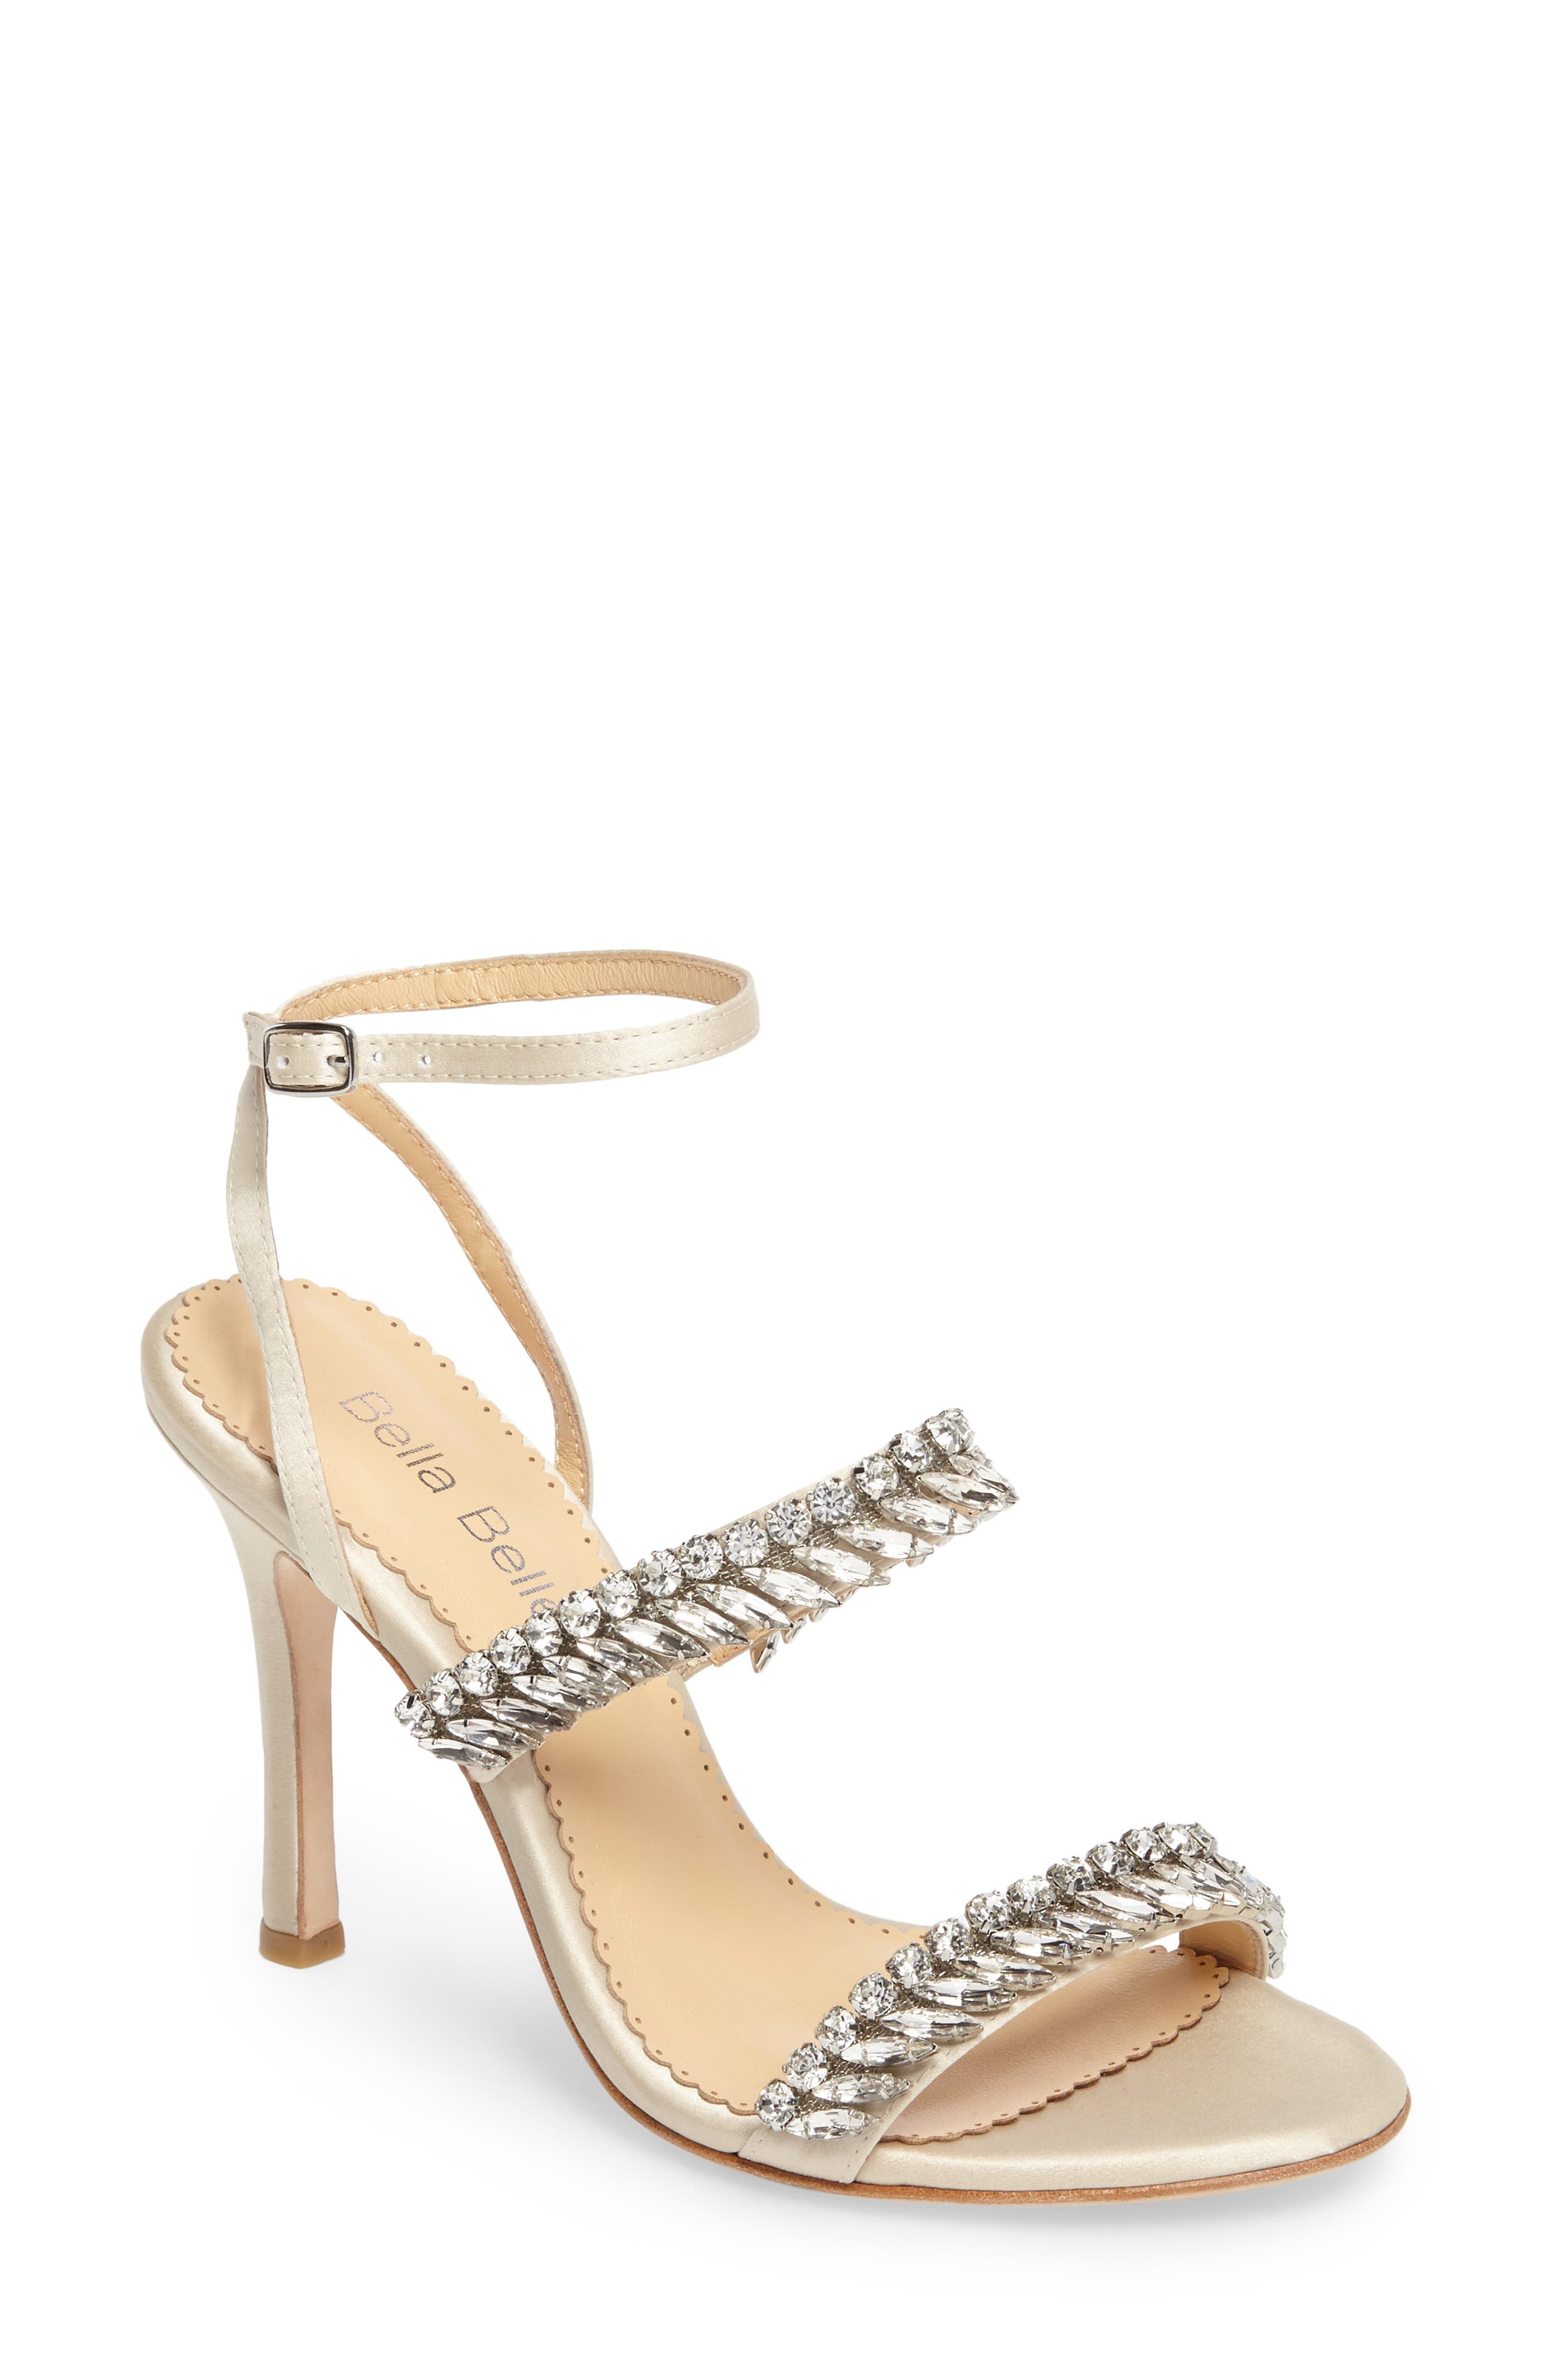 Belinda Embellished Sandal,                             Main thumbnail 1, color,                             Champagne